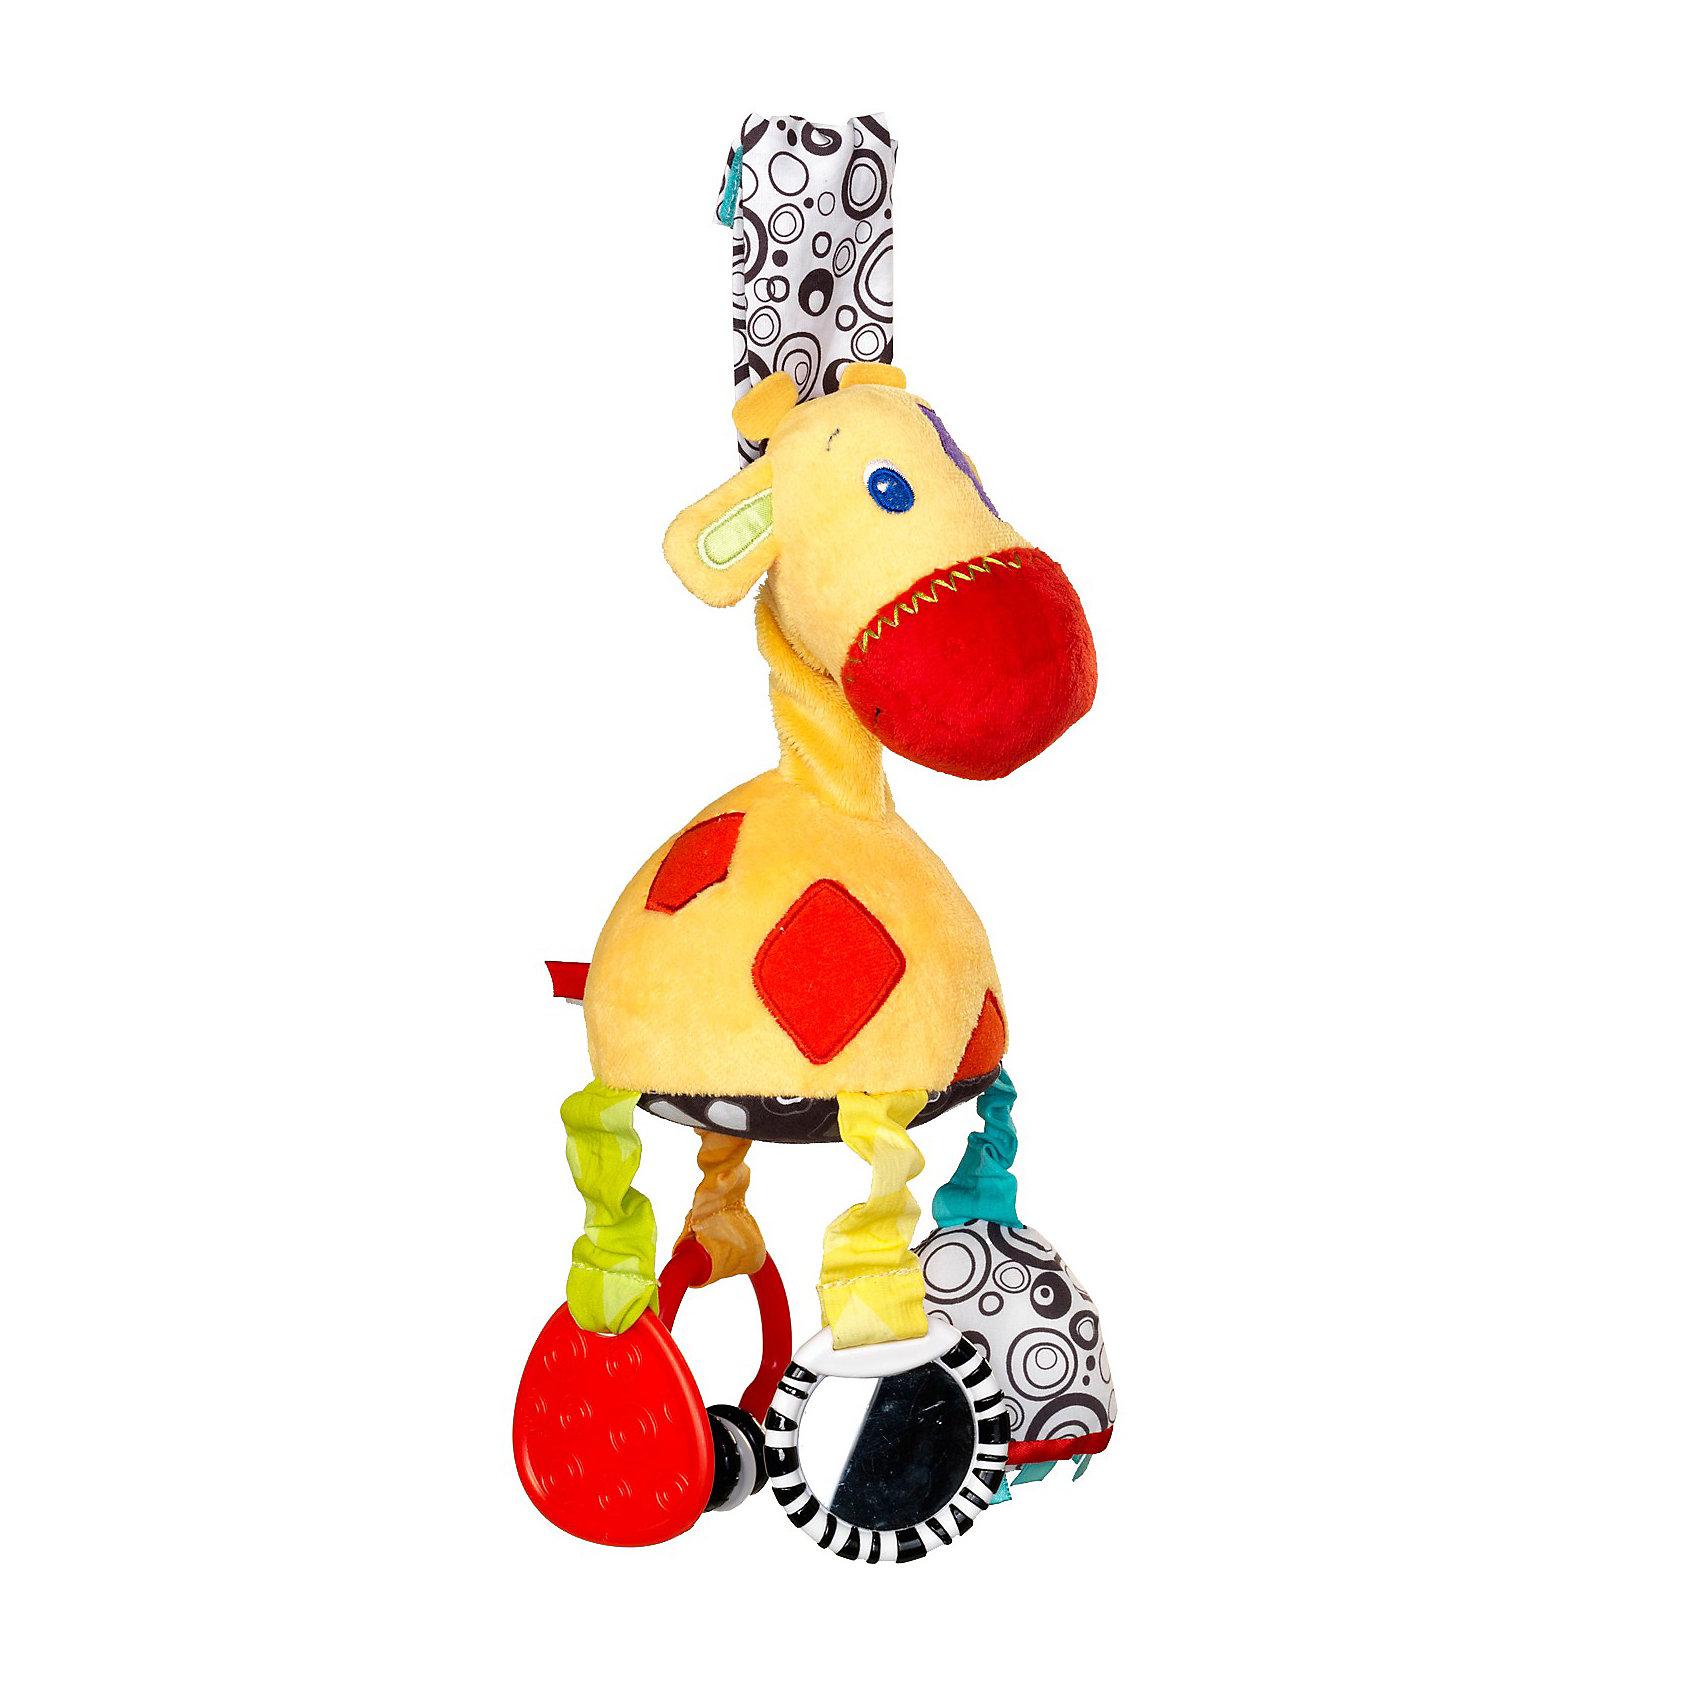 Развивающая мягкая игрушка Жираф Bright StartsЗабавный плюшевый жираф поможет малышу развиваться!<br><br>ОСОБЕННОСТИ<br>Каждая ножка жирафа обладает своей развивающей функцией<br>  зеркальце<br>  прорезыватель для зубок<br>  погремушка<br>  различные текстуры<br>Высококонтрастная игрушка позволяет развивать у ребенка концентрацию внимания<br>Дополнительные характеристики<br>  легко крепится к коляске, кроватке, автокреслу<br>  размеры товара: 9,5 * 9,5 * 25 см<br>  размеры коробки: 14 * 9,5 * 11 см<br><br>Развивающая мягкая игрушка Жираф Bright Starts (Брайт Стартс) можно купить в нашем интернет-магазине.<br><br>Ширина мм: 140<br>Глубина мм: 310<br>Высота мм: 110<br>Вес г: 122<br>Возраст от месяцев: 0<br>Возраст до месяцев: 12<br>Пол: Унисекс<br>Возраст: Детский<br>SKU: 2225540